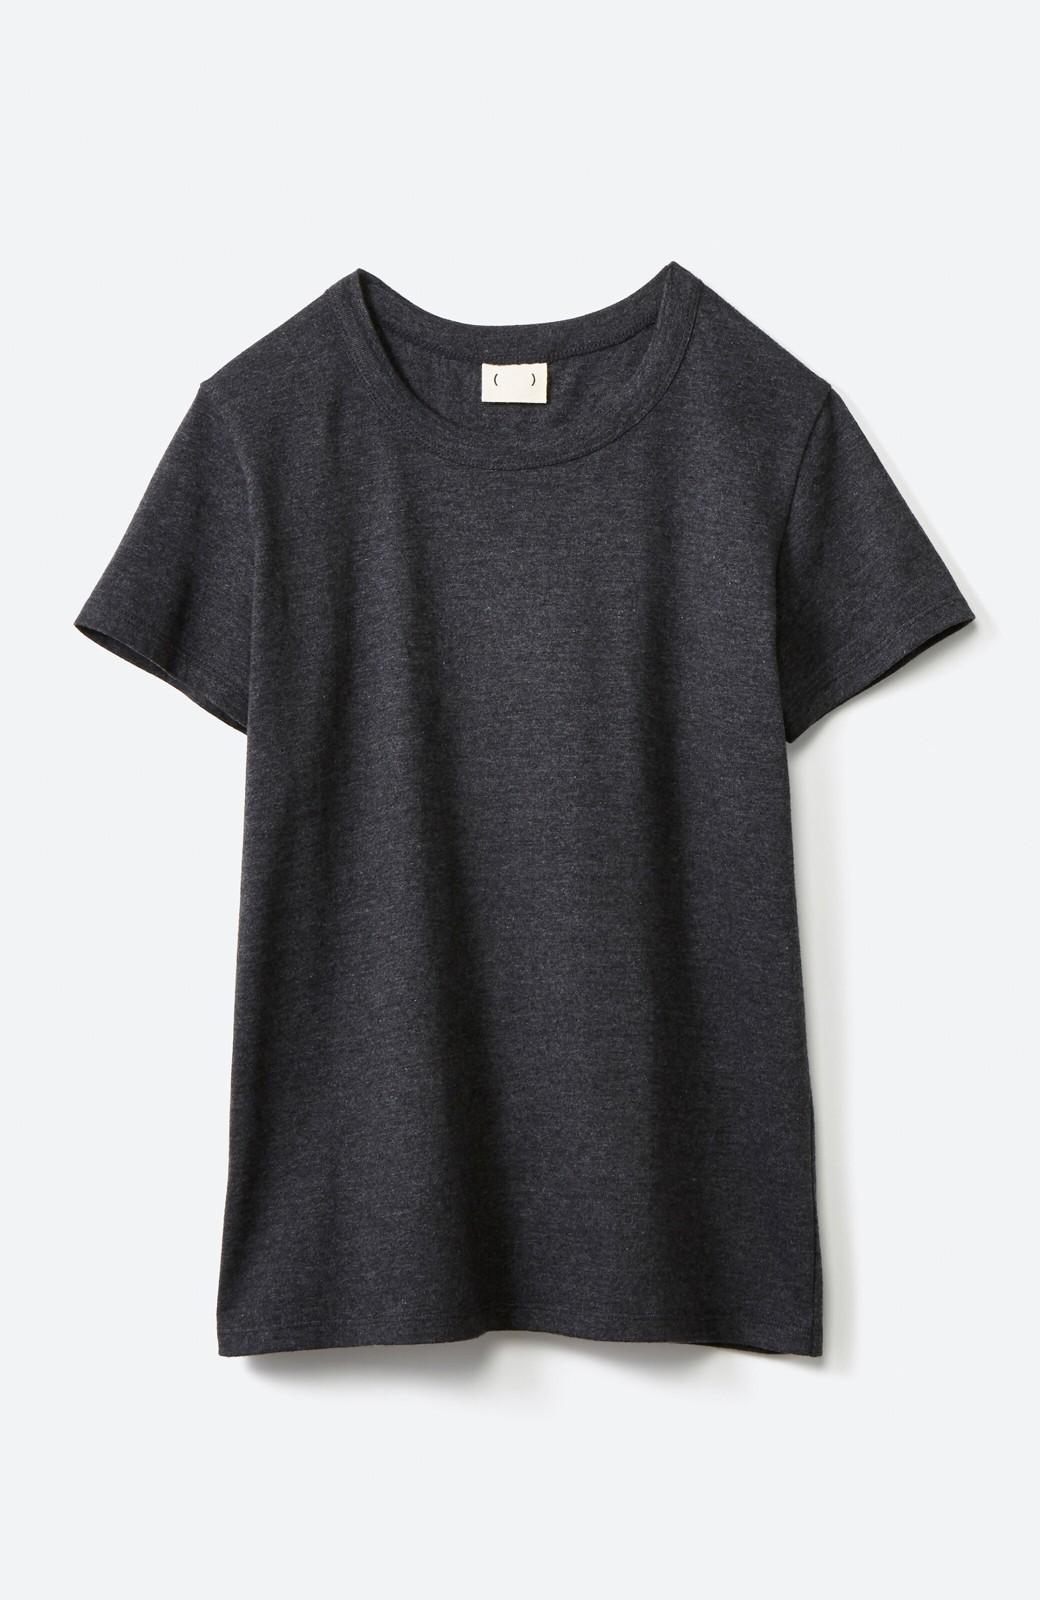 haco! Tシャツを女っぽく着こなせるオトナセットbyMAKORI <チャコールグレー>の商品写真2